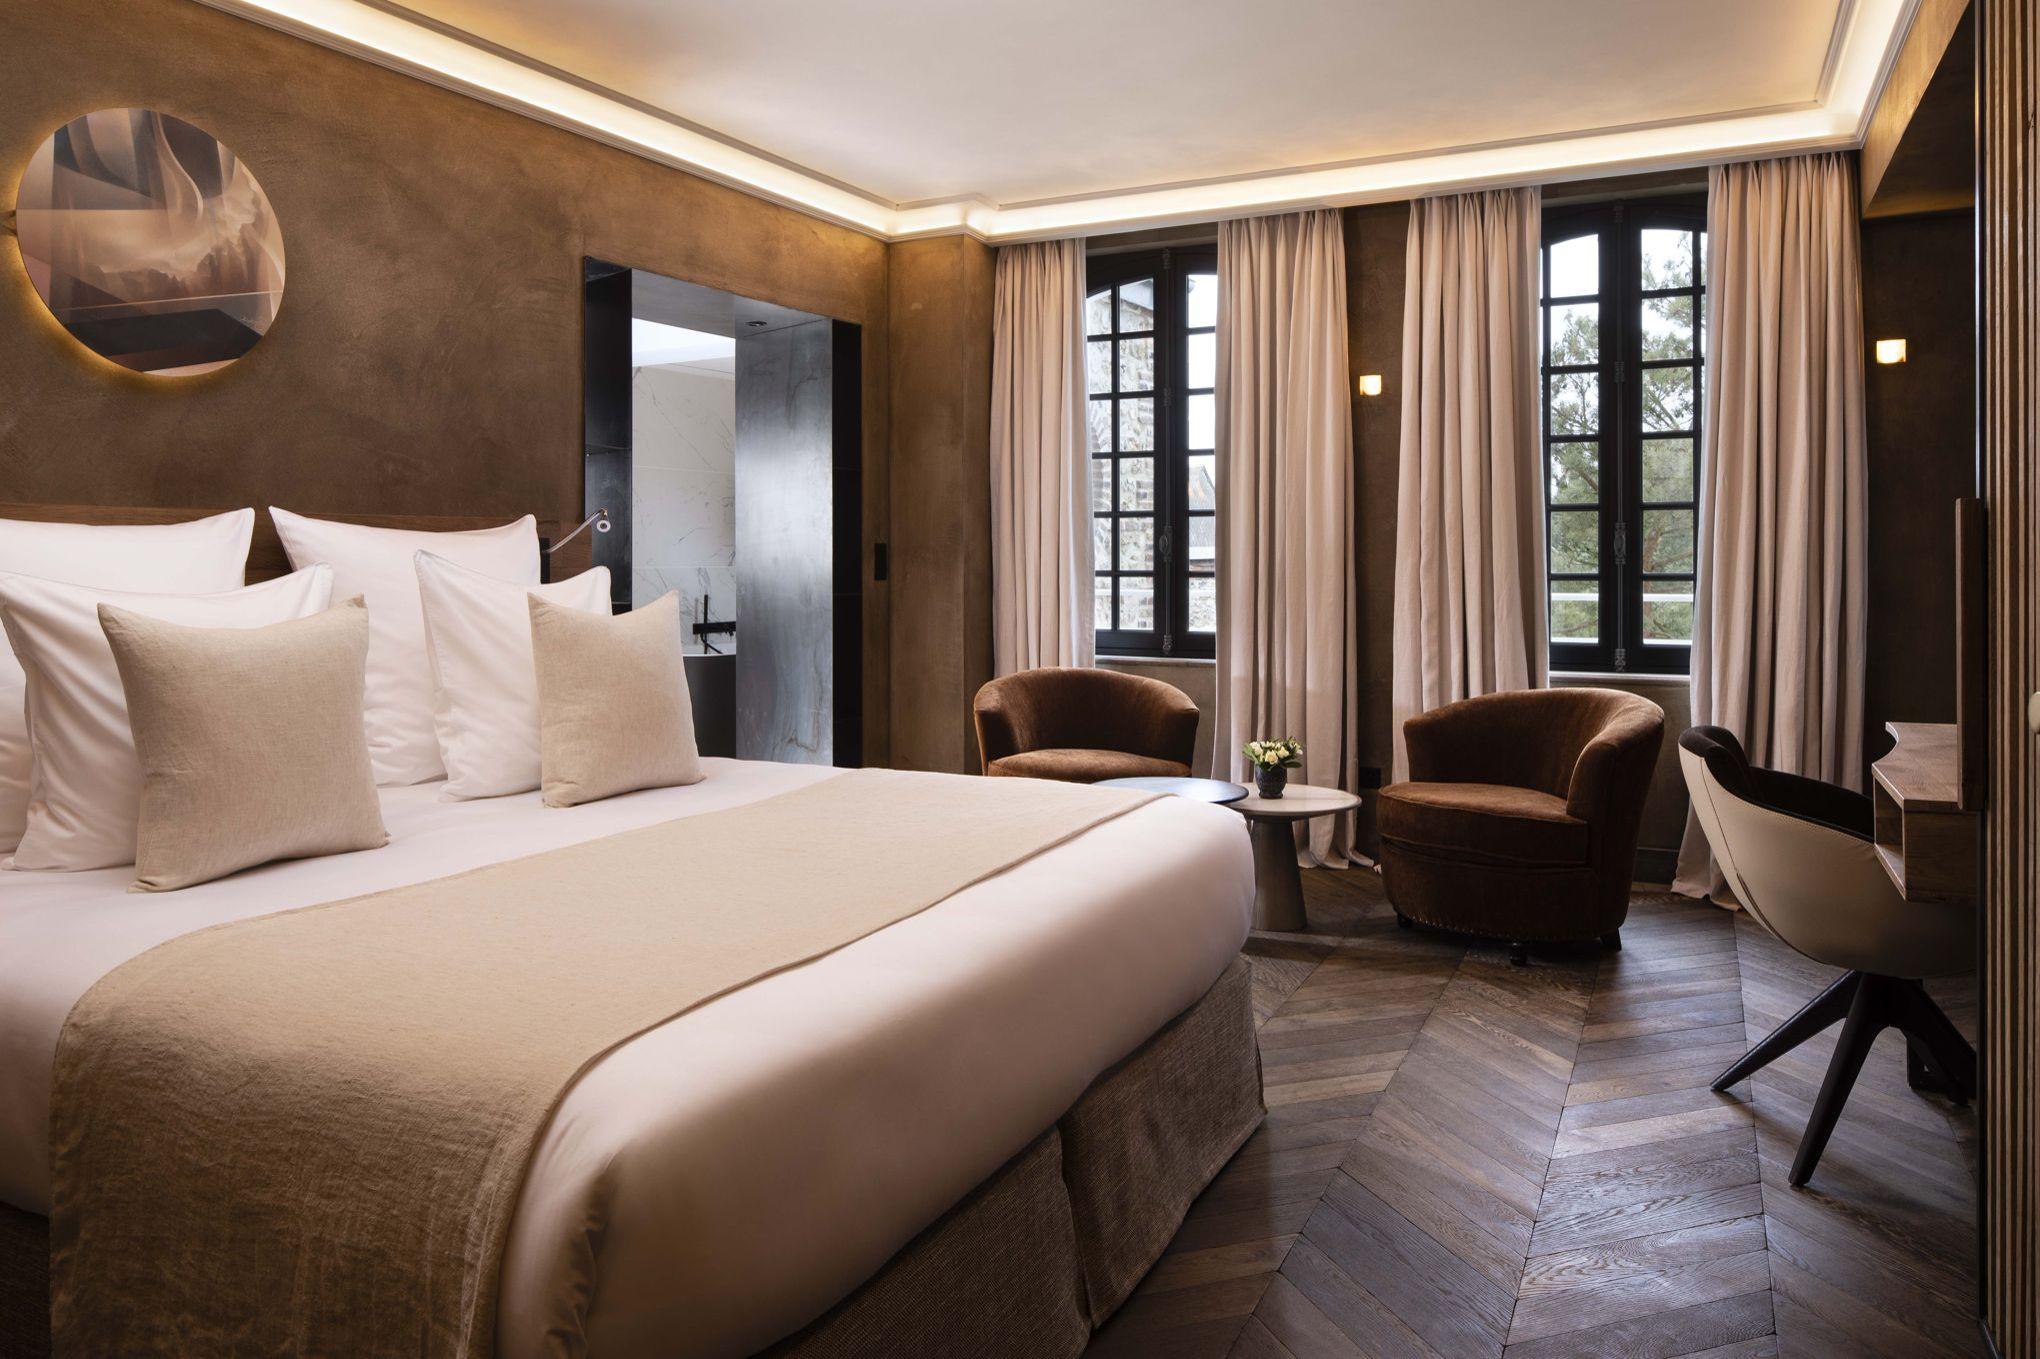 Hôtel Saint-Delis à Honfleur, l'avis d'expert du Figaro